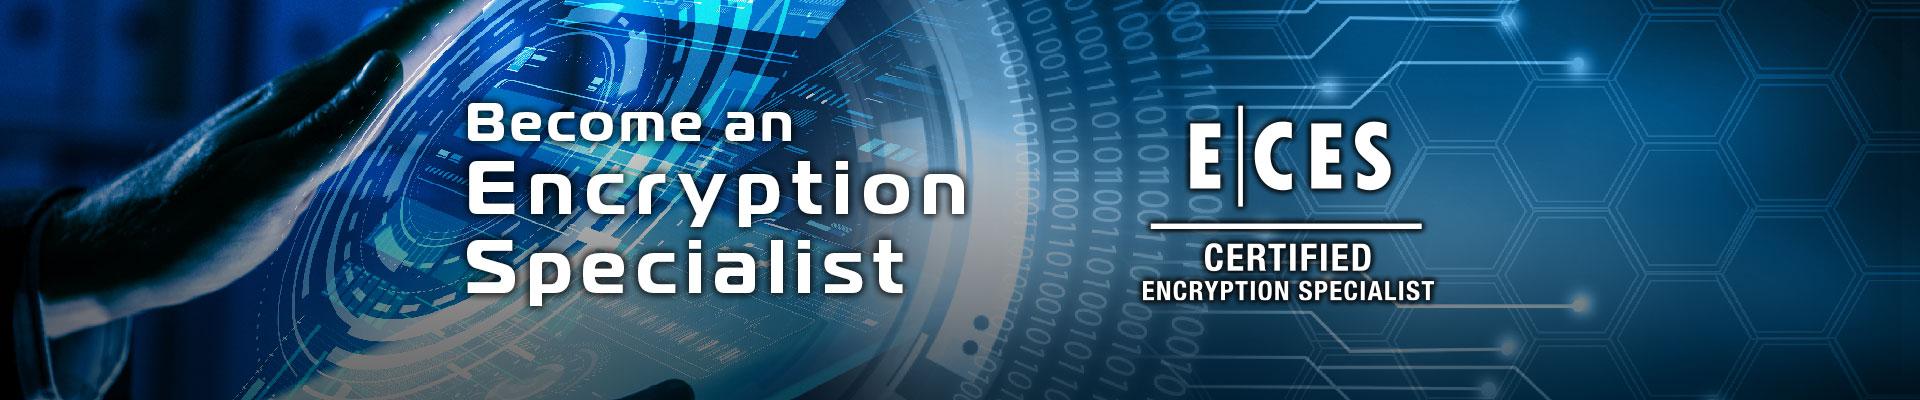 EC-CouncilCertified Encryption Specialist (ECES)